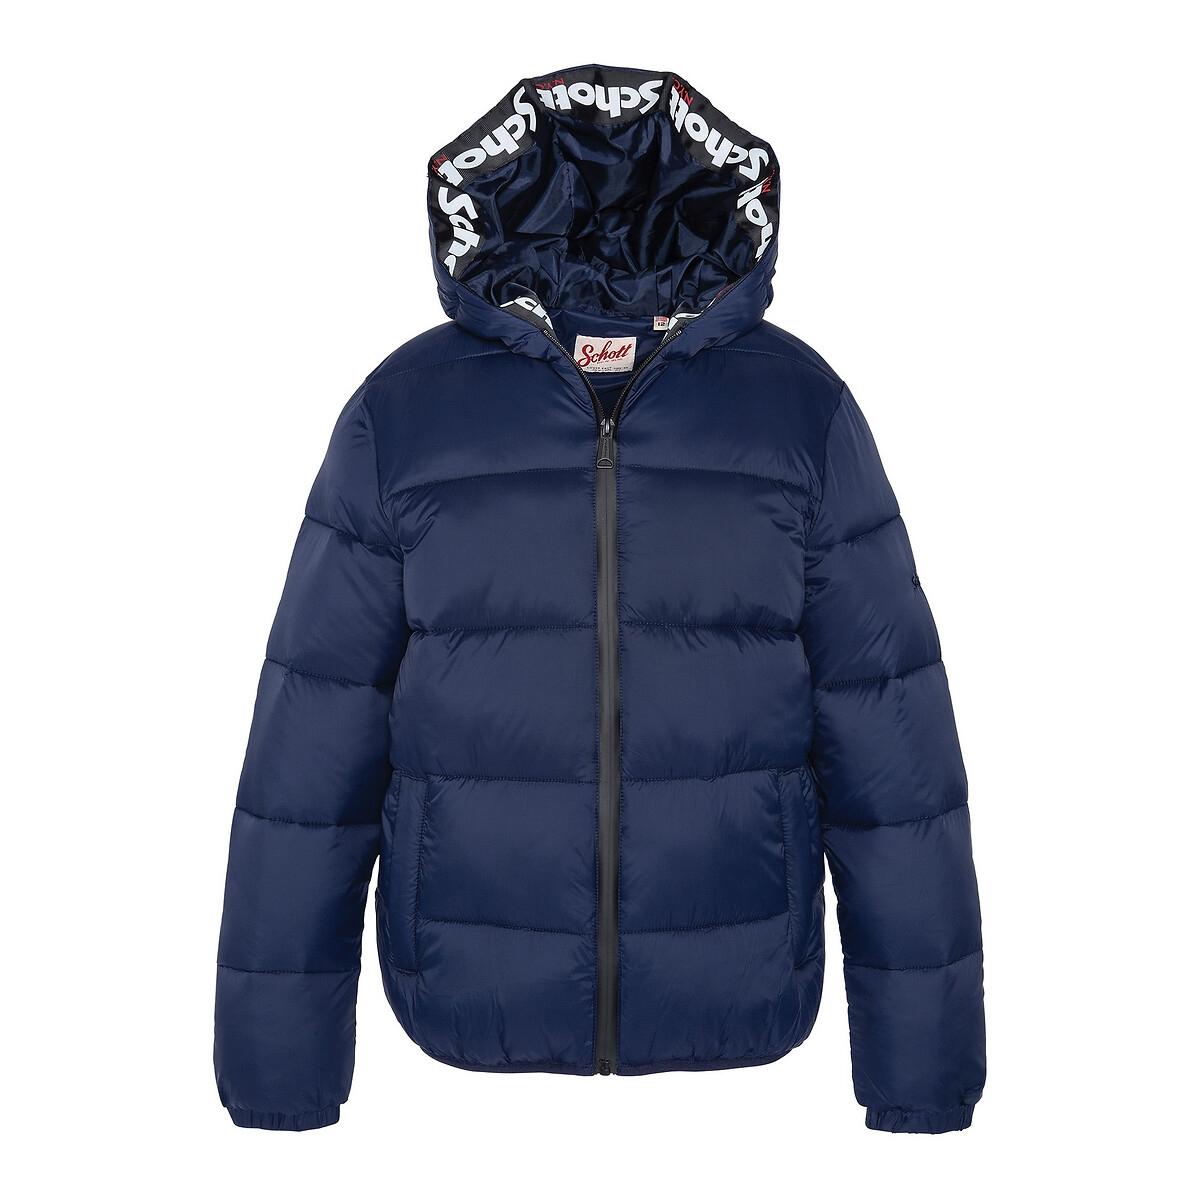 Куртка La Redoute Стеганая с капюшоном 10-16 лет 10 лет - 138 см синий куртка la redoute тонкая непромокаемая maxime xxl синий